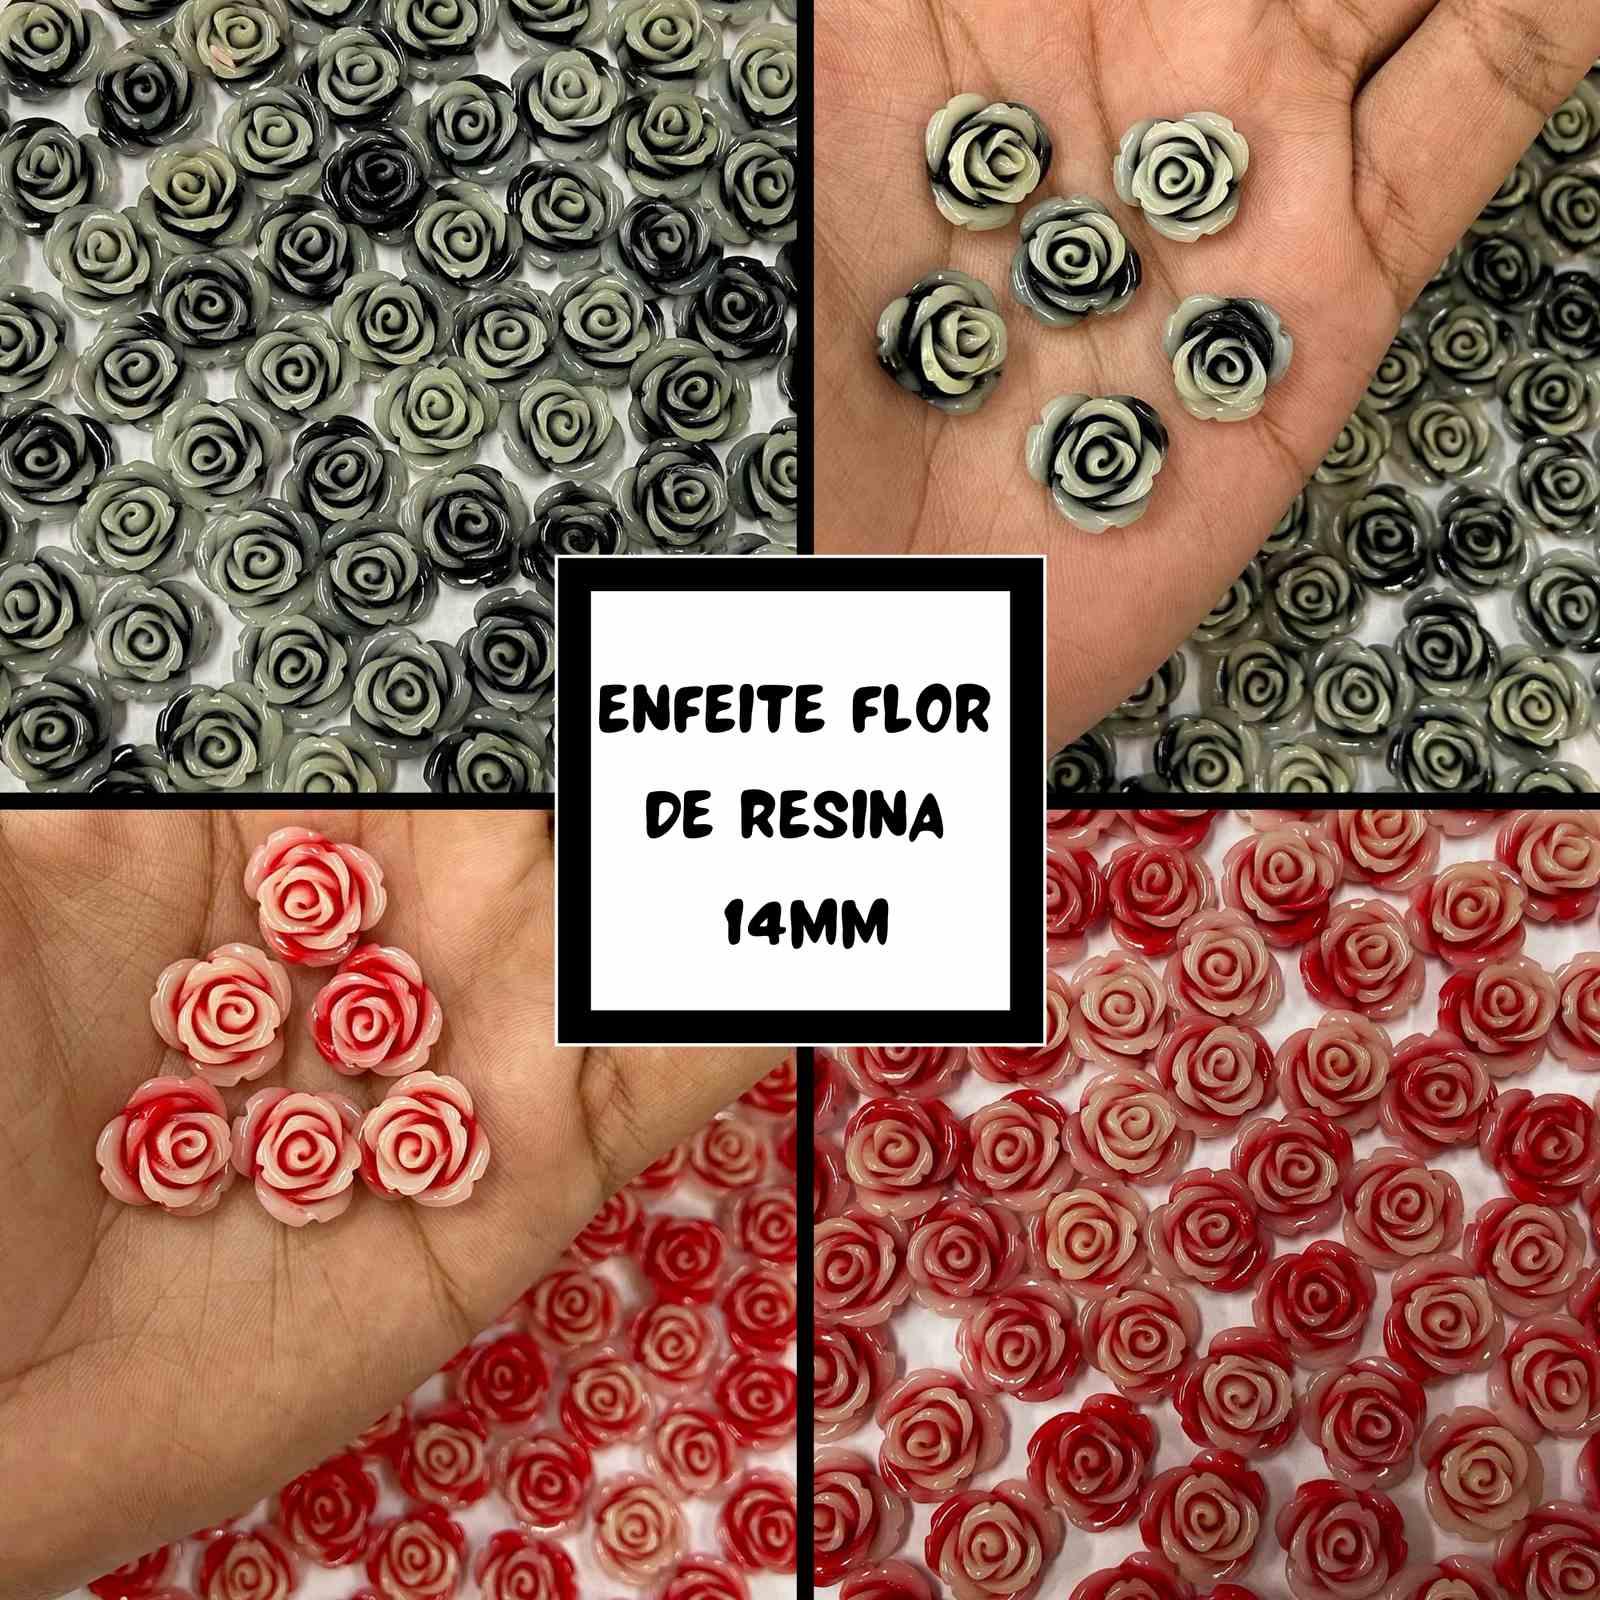 Enfeite Flor de Resina 14mm - 50 unidades